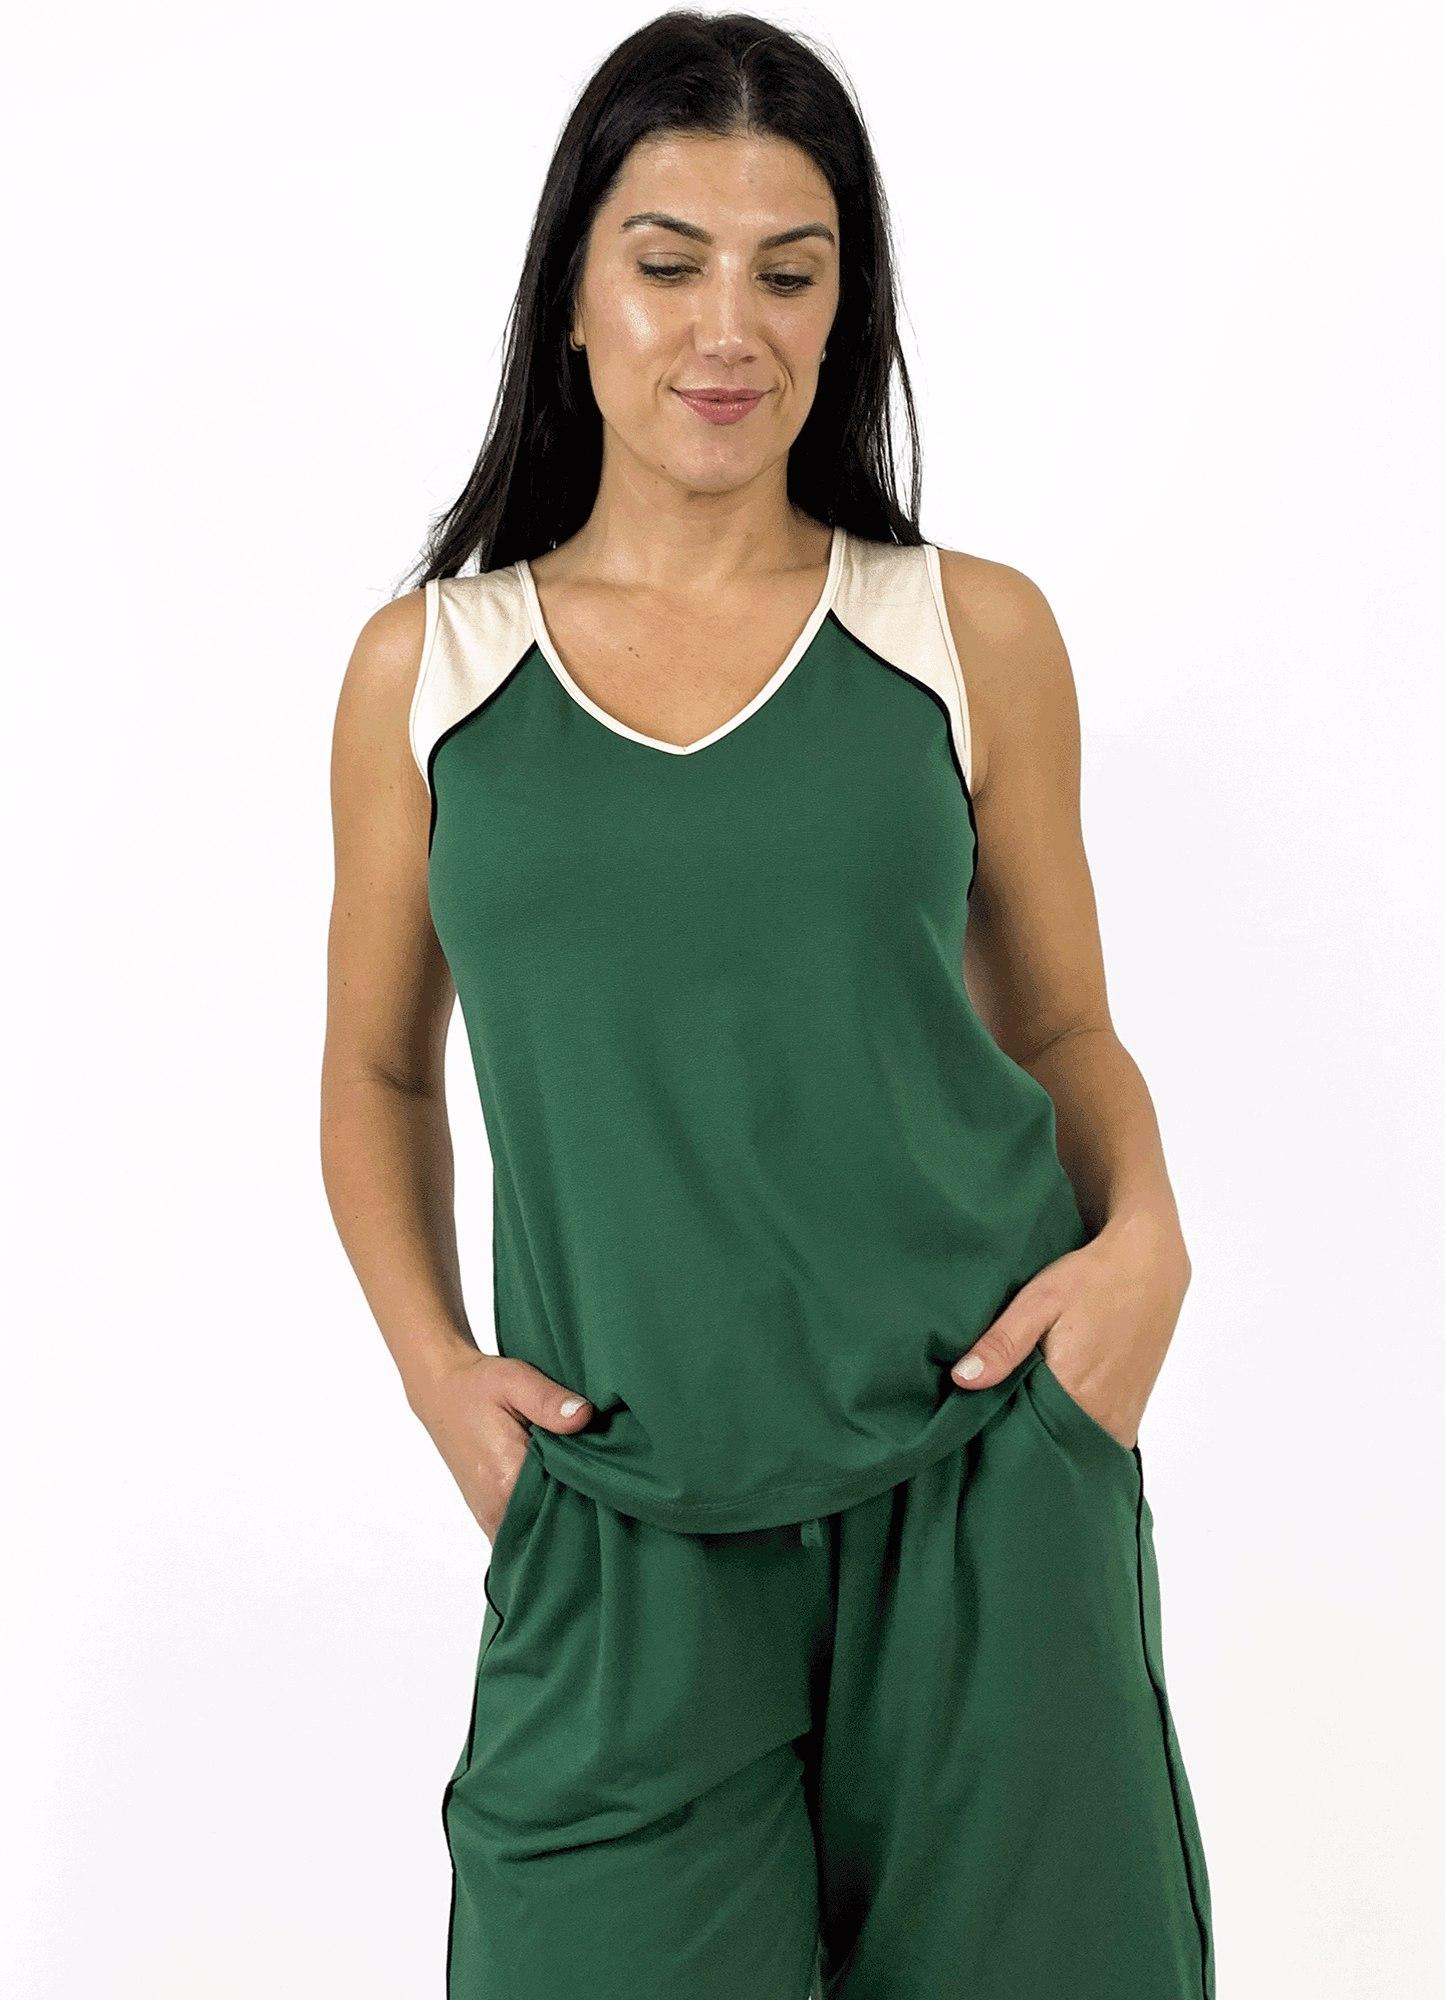 Blusa Regata Feminina Malha Tricolor Friso e Recorte